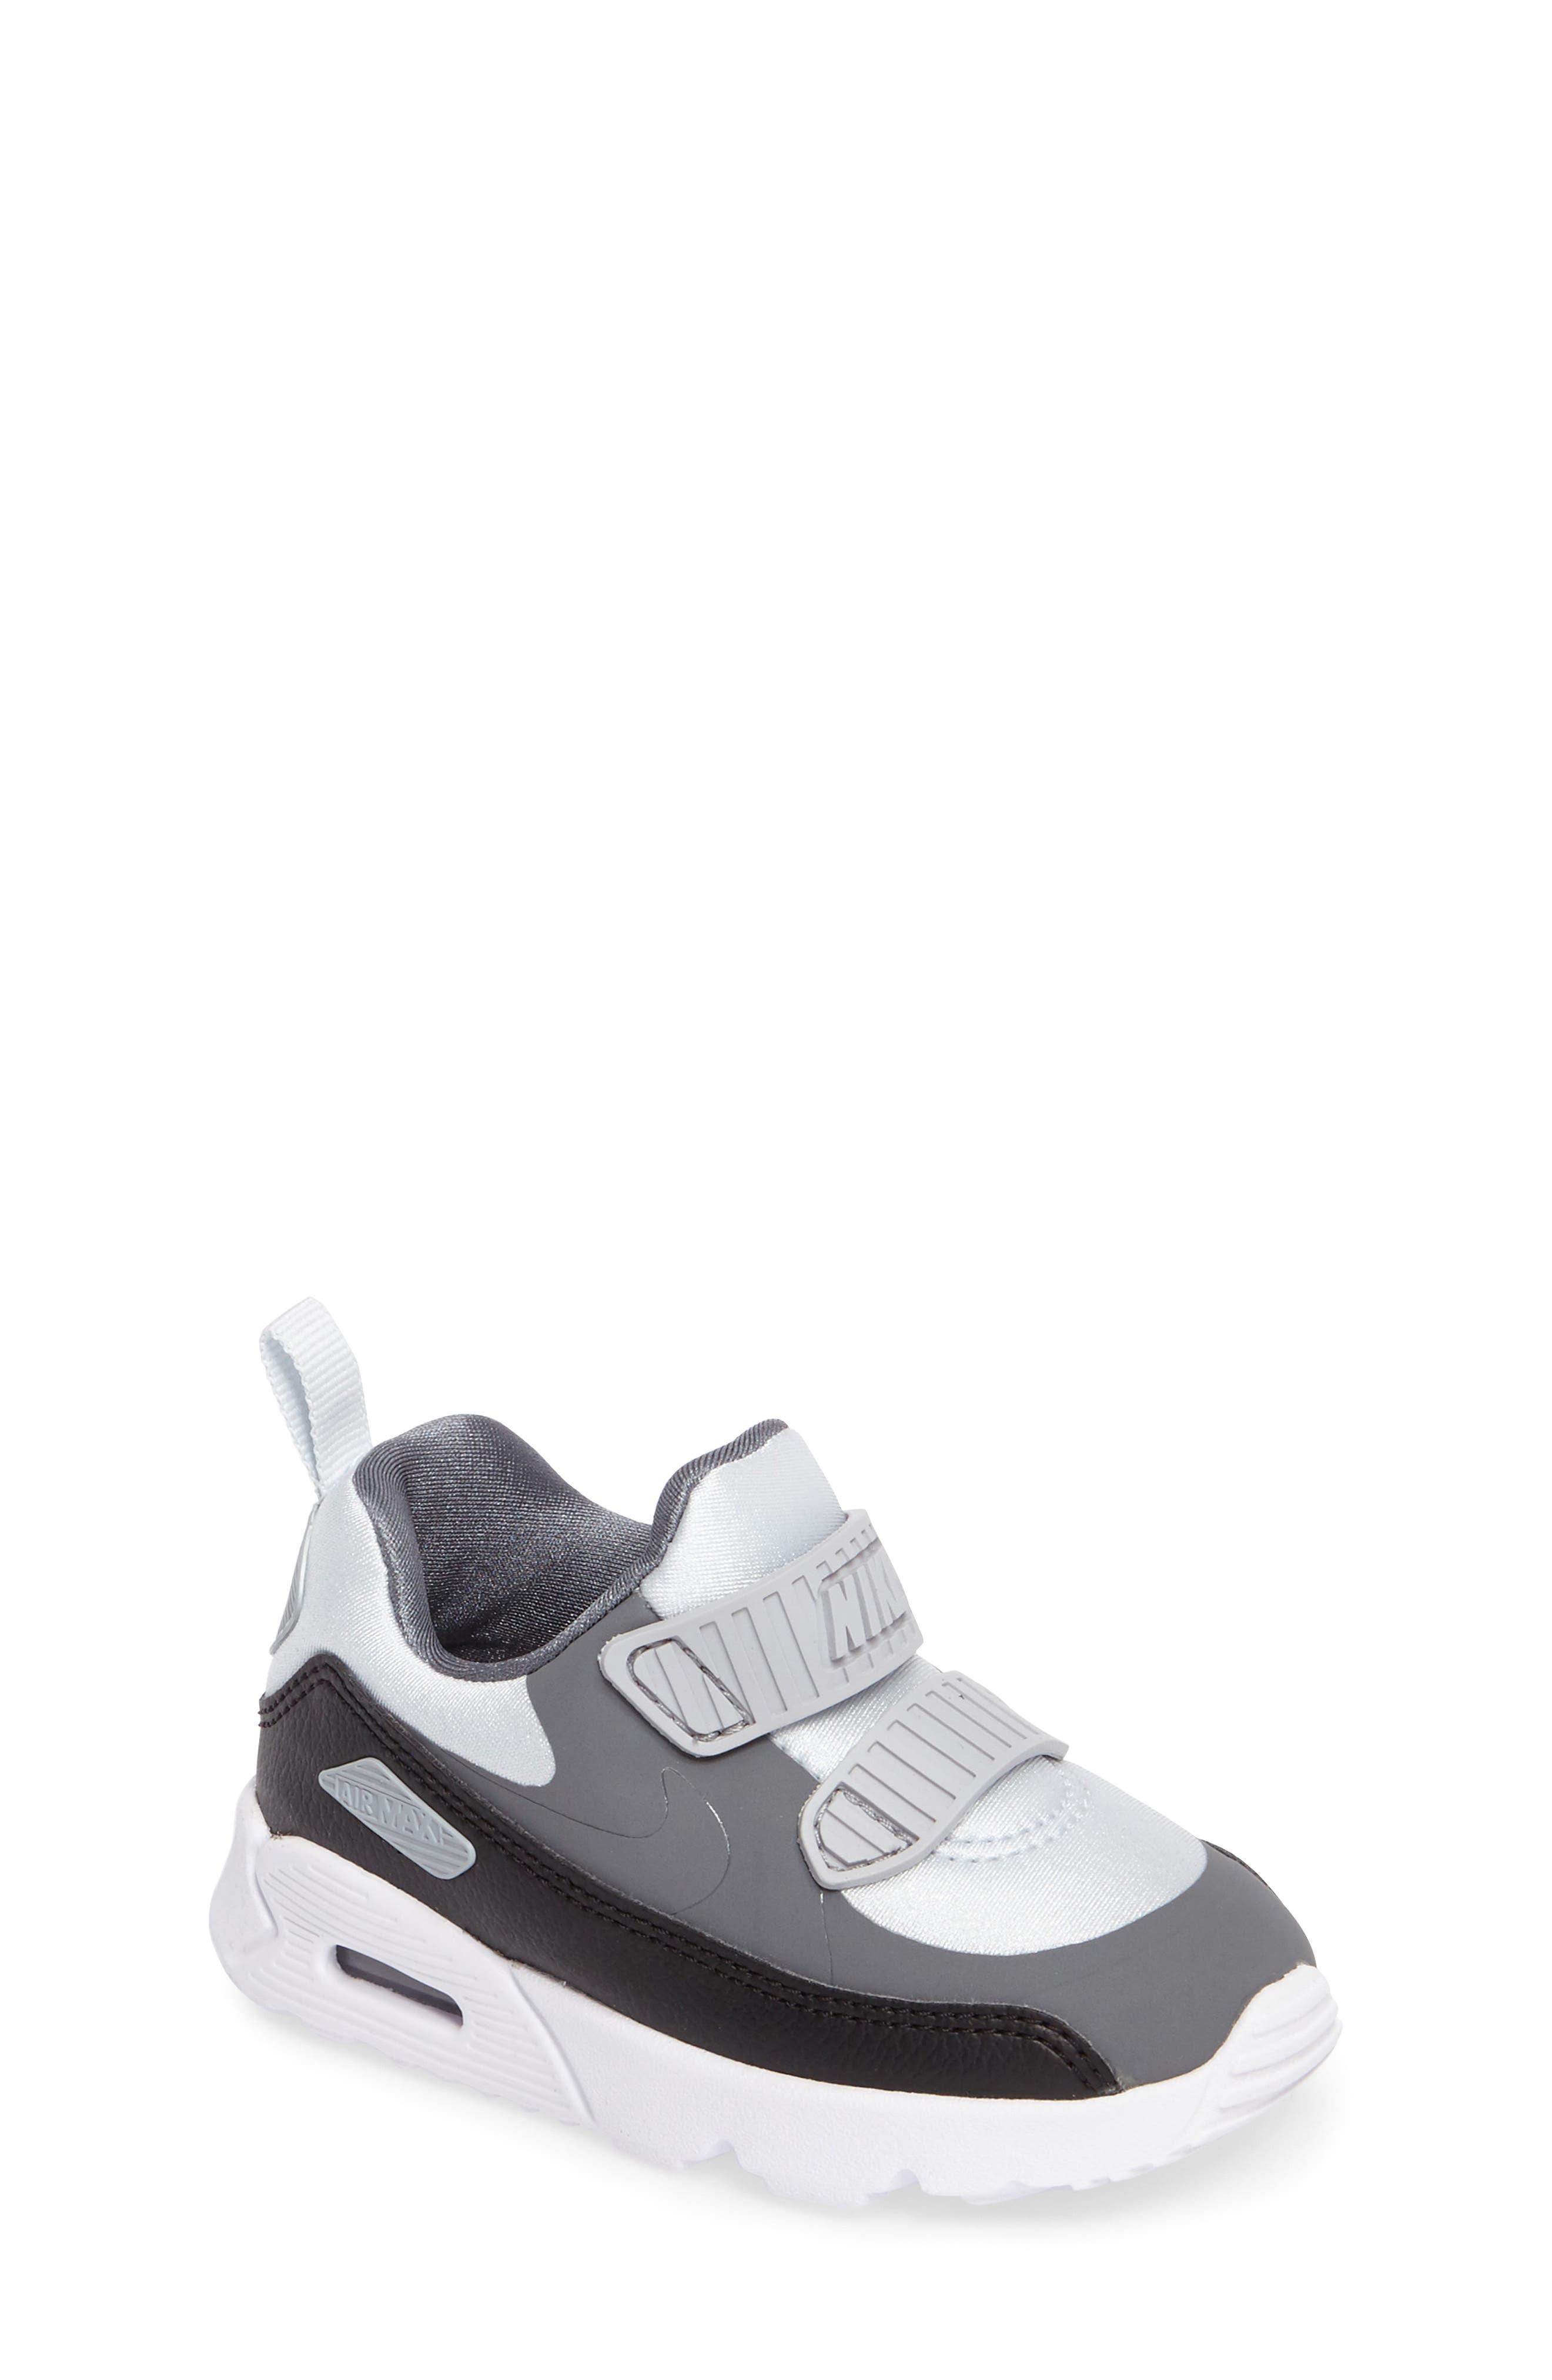 Air Max Tiny 90 Sneaker,                             Main thumbnail 1, color,                             022